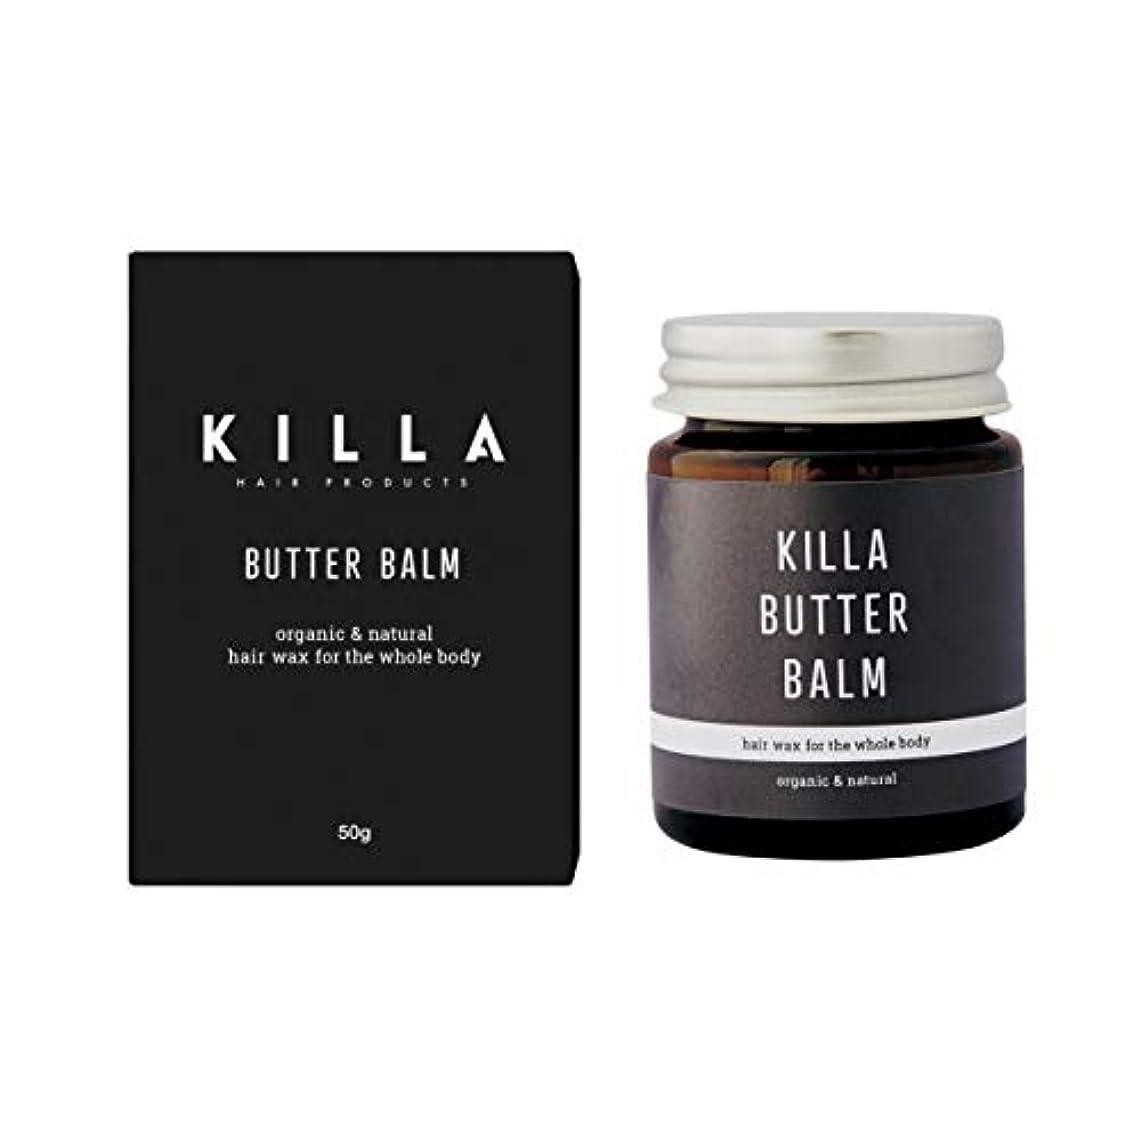 肉腫権威一キラバターバーム 50g シアバターワックス オーガニック リップクリーム&ハンドクリームとしても使用可 柑橘系シトラスの香り KILLA PRODUCT/キラプロダクト